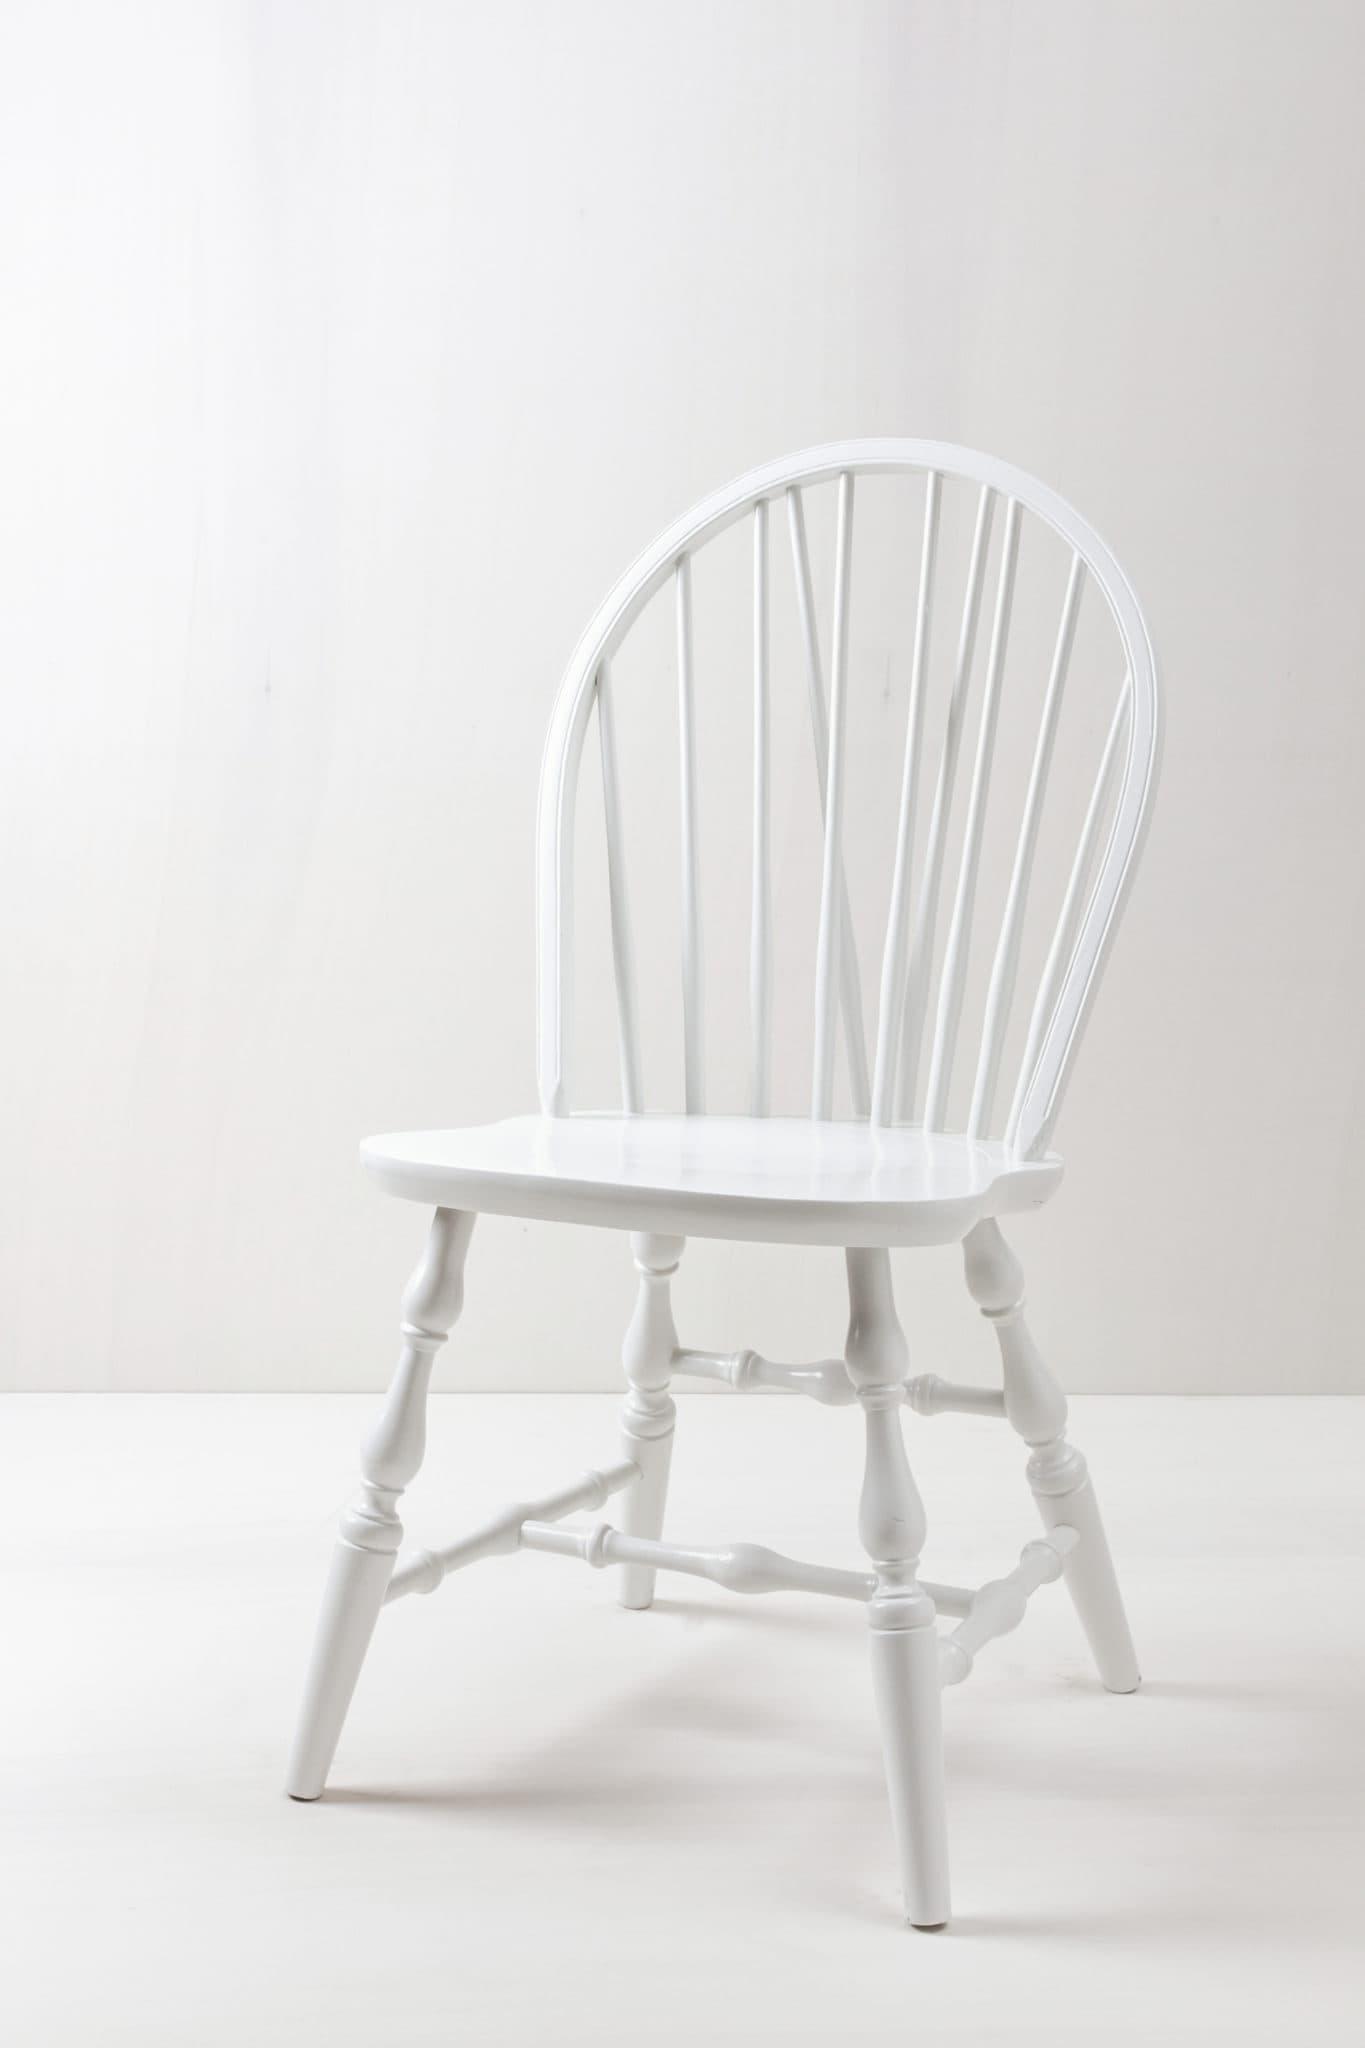 Tisch und Stuhl Verleih